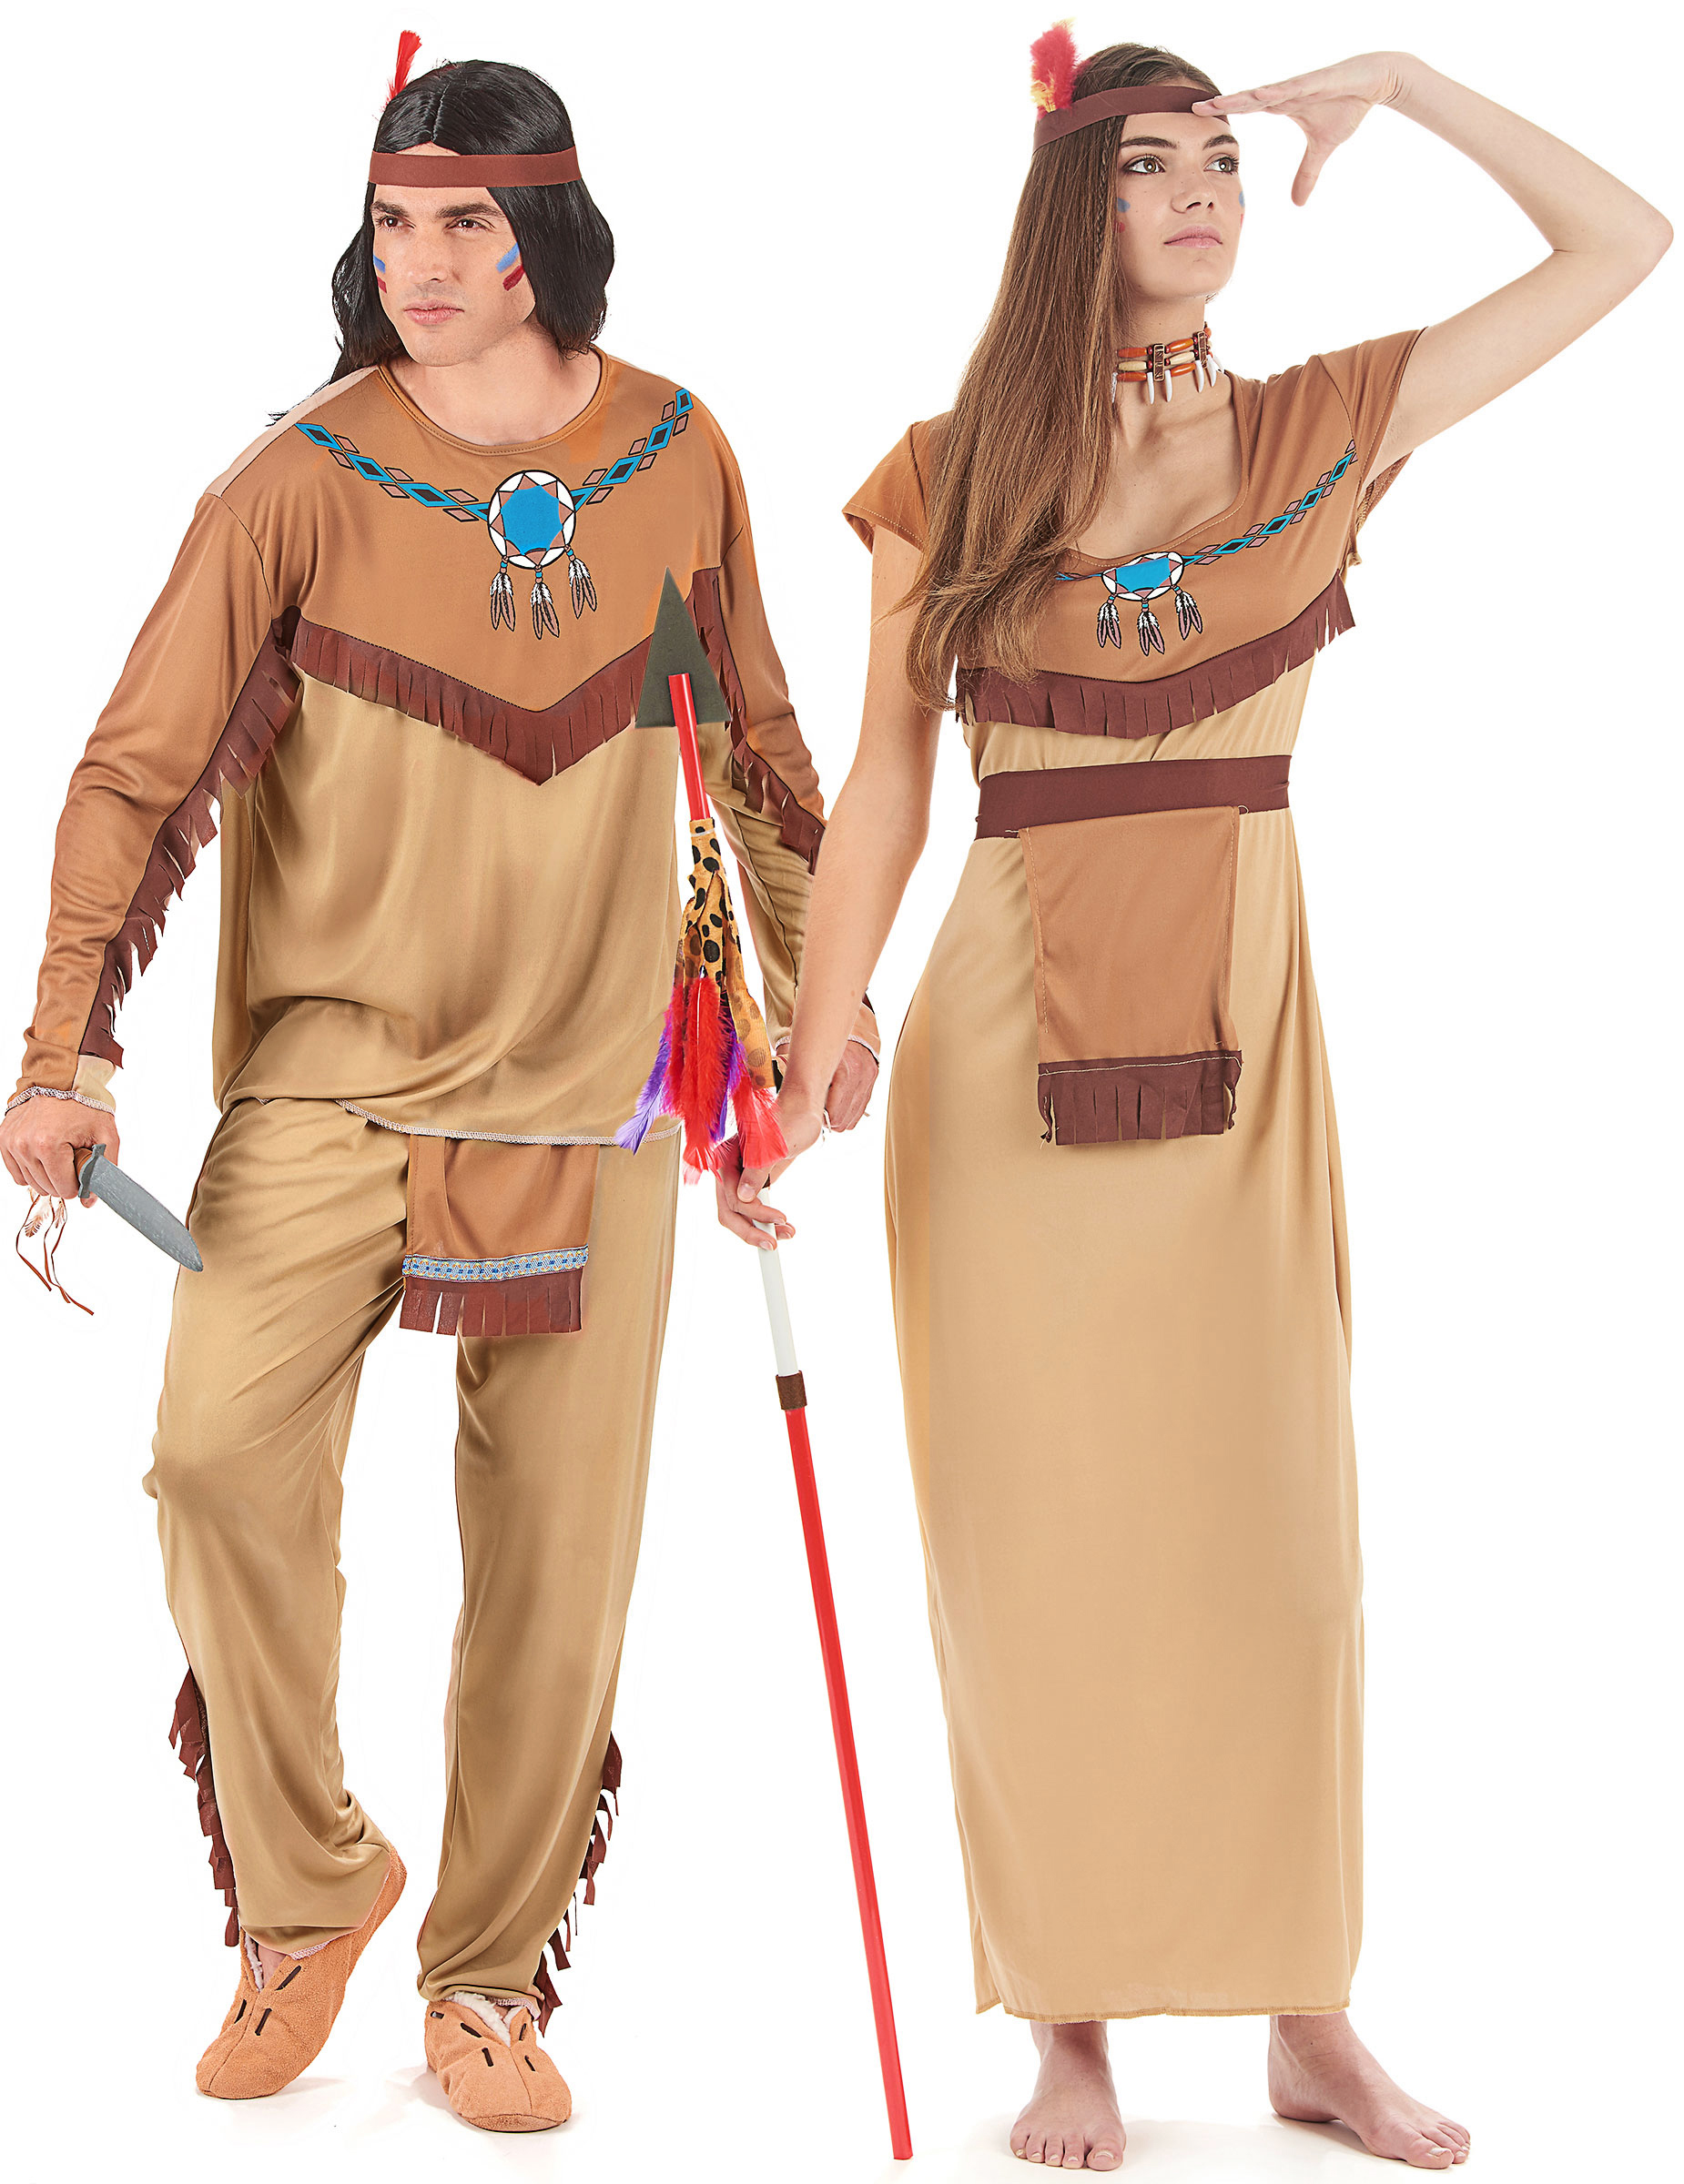 Disfraz de pareja de indios para adultos  Disfraces parejas d1daae61d4d